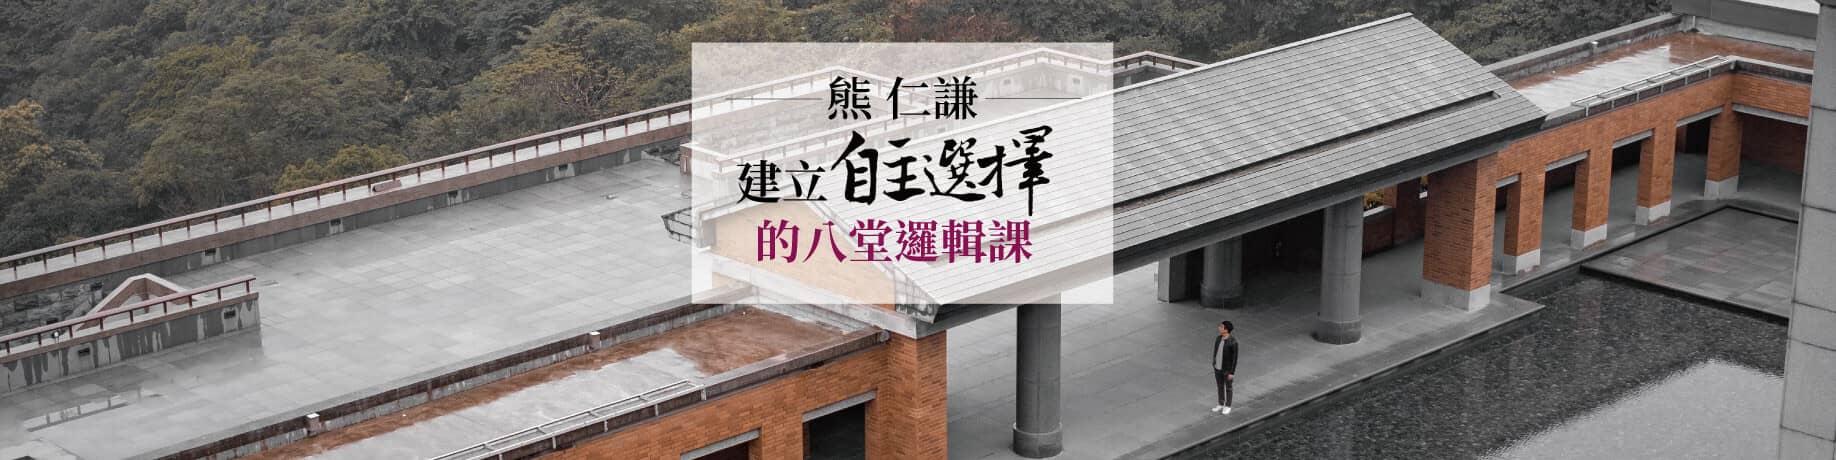 熊仁謙:訓練自主選擇的八堂邏輯課